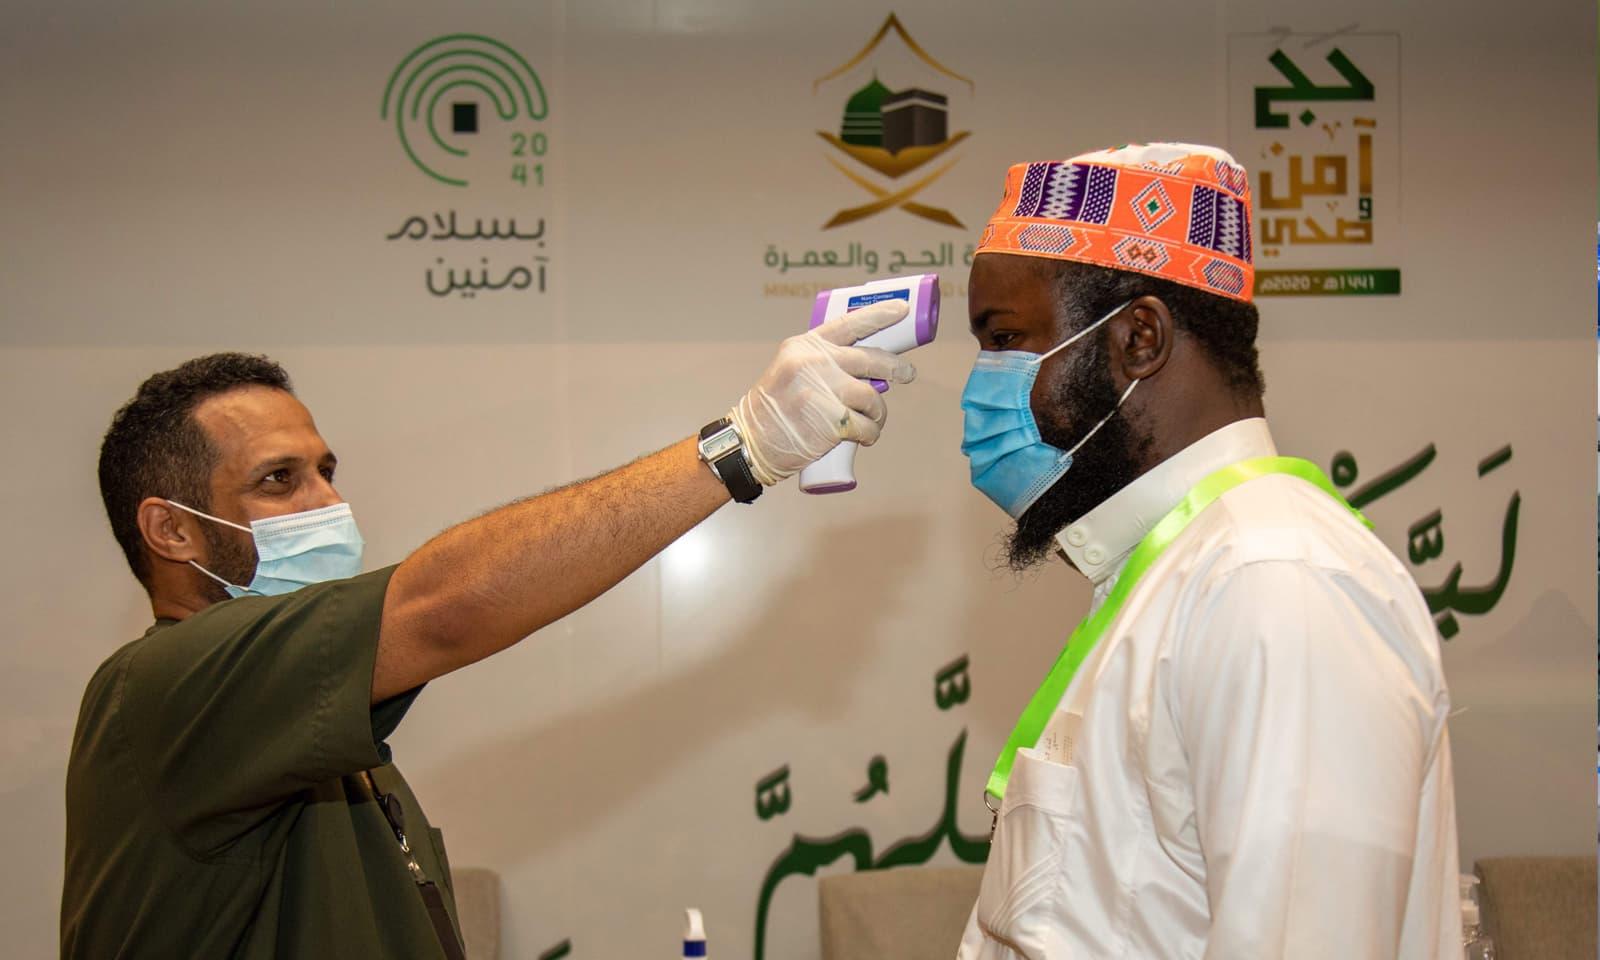 ہر مقام پر داخلے سے قبل حاجیوں کا بخار چیک کیا جائے گا — فوٹو: اے ایف ہی